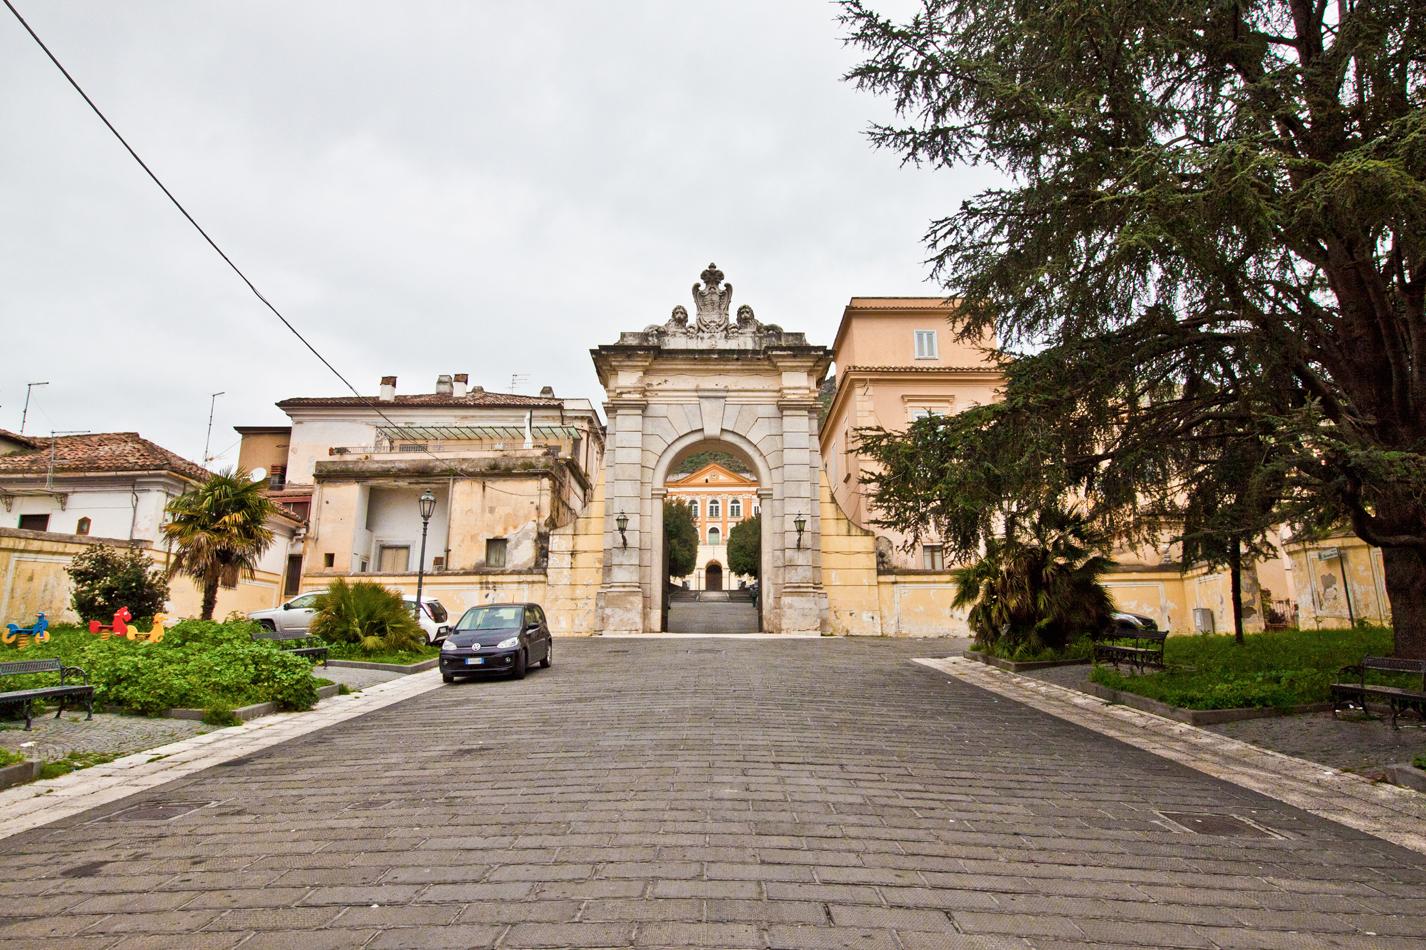 Ferdinandopoli (Main entrance)...